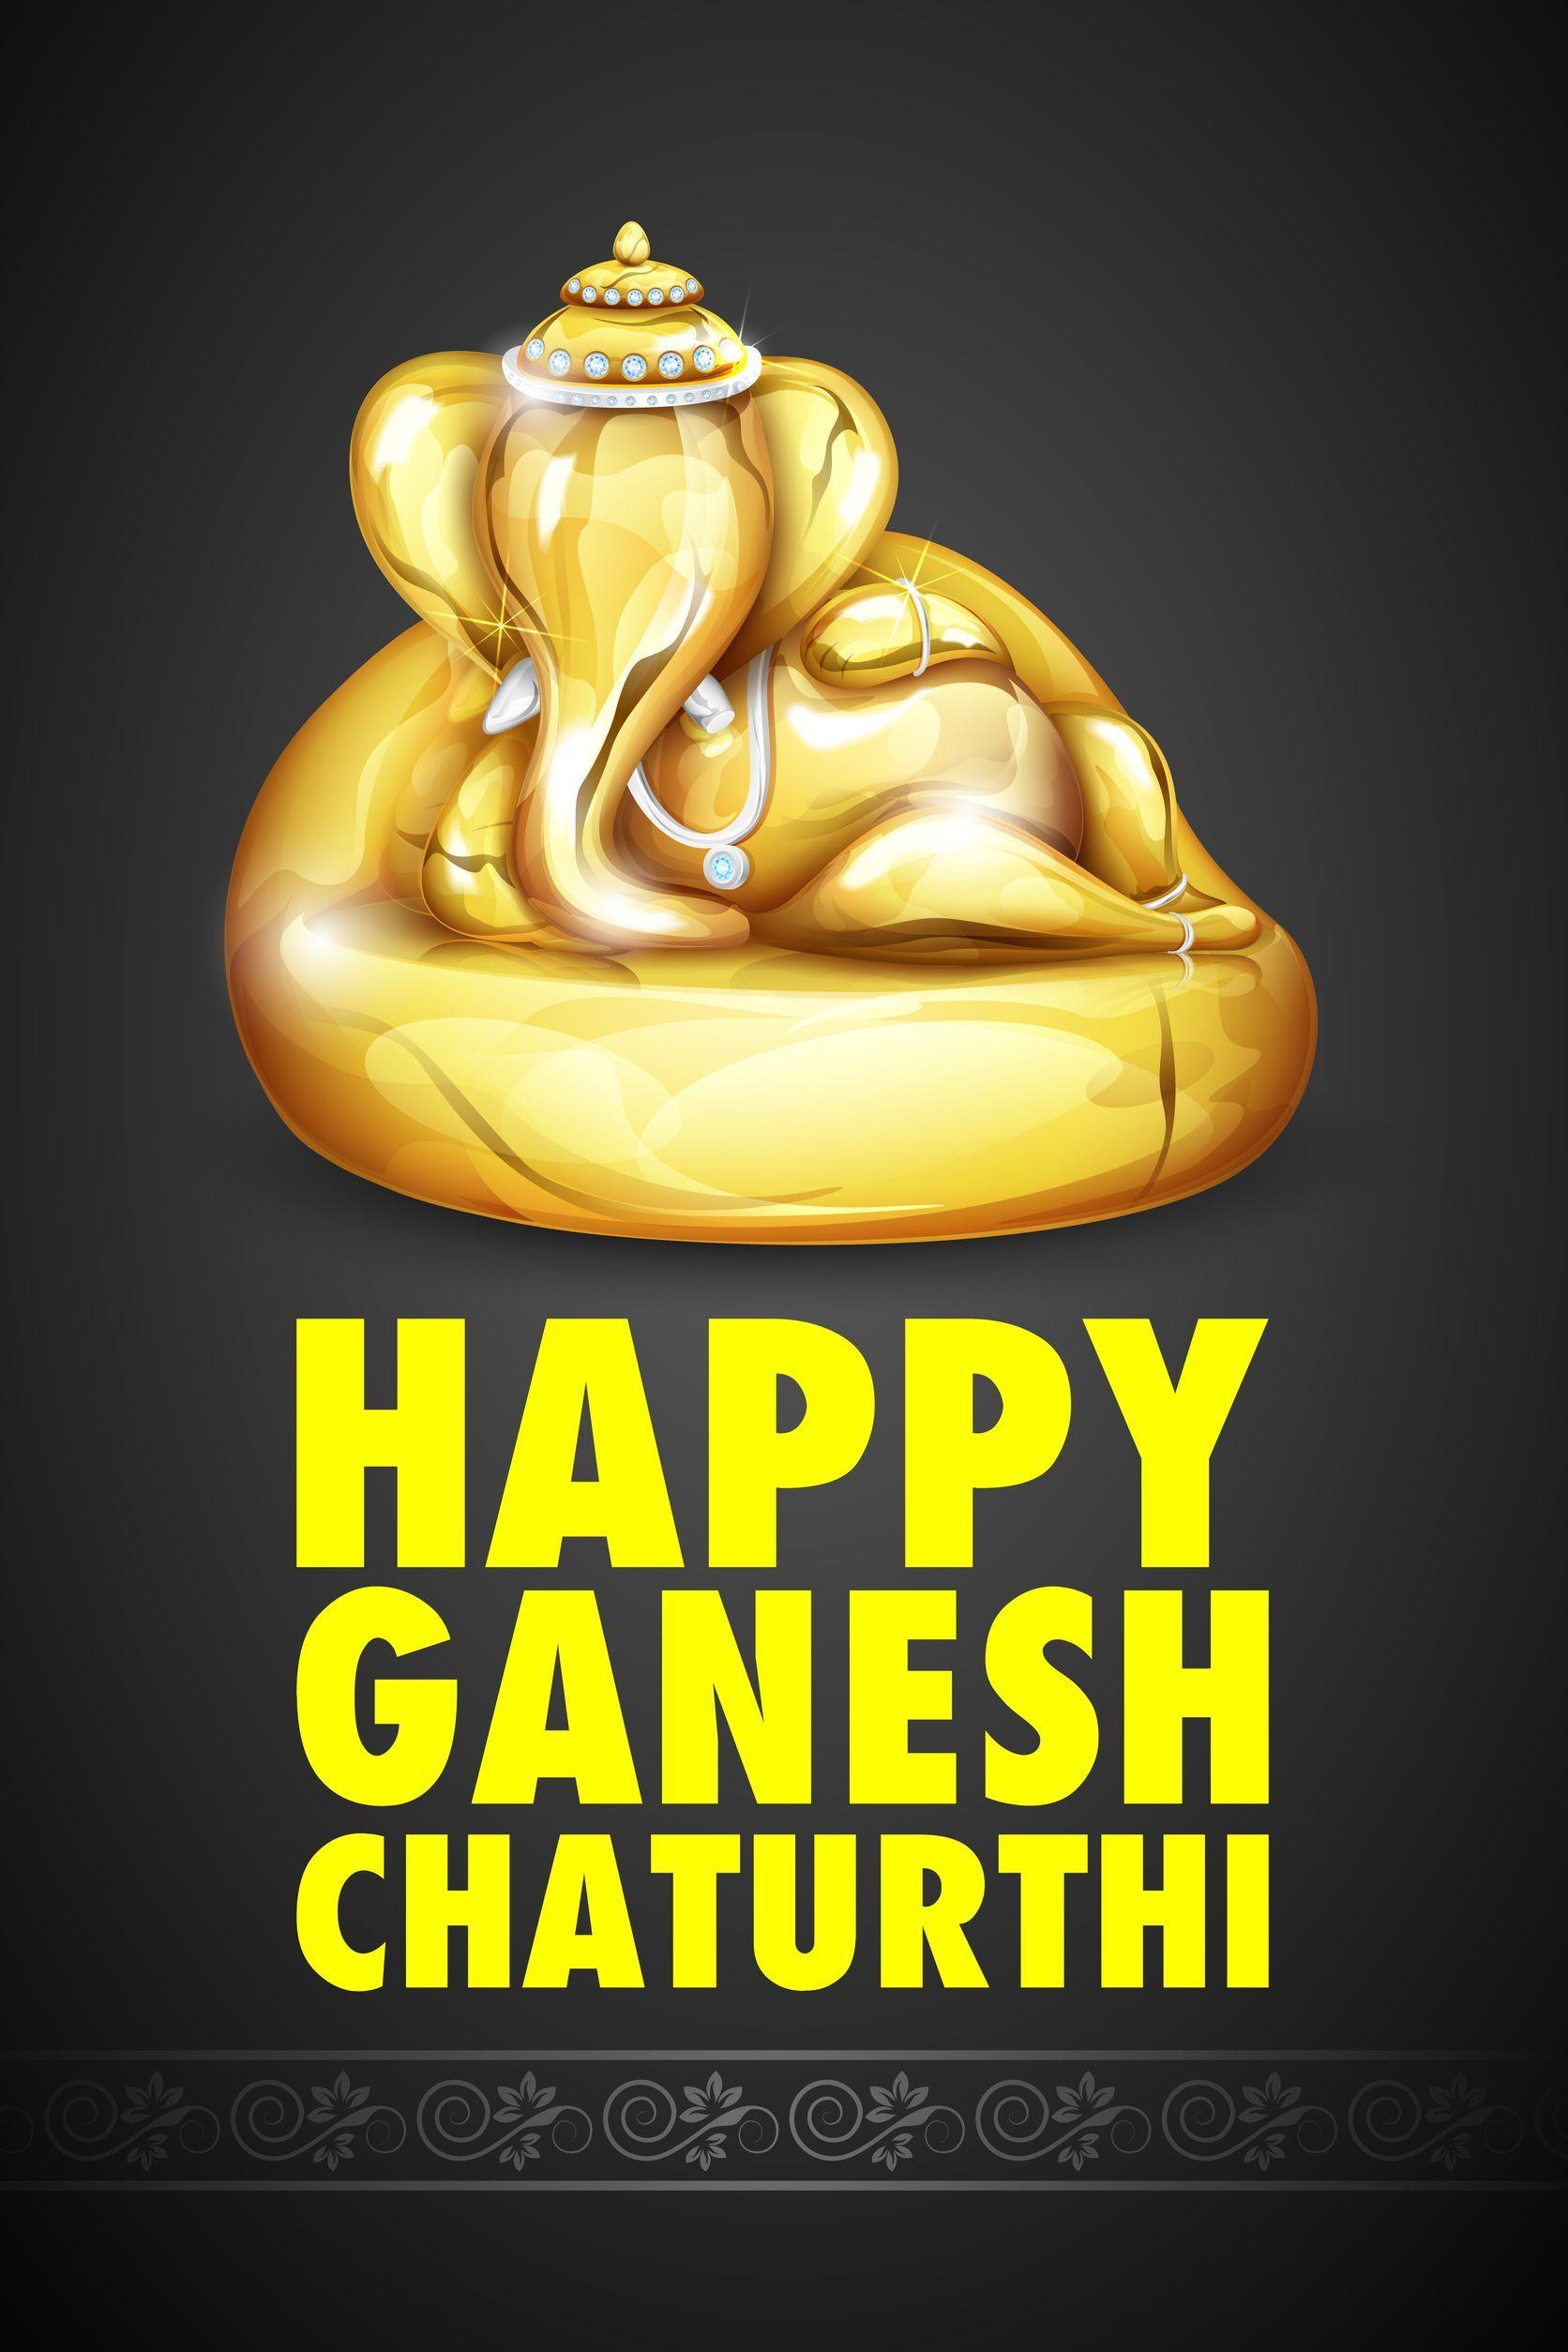 ganesh chaturthi 2016 a¤—a¤a¥‡a¤¶ a¤ša¤¤a¥a¤a¥a¤¥a¥€ ganesh charuthi decorations image